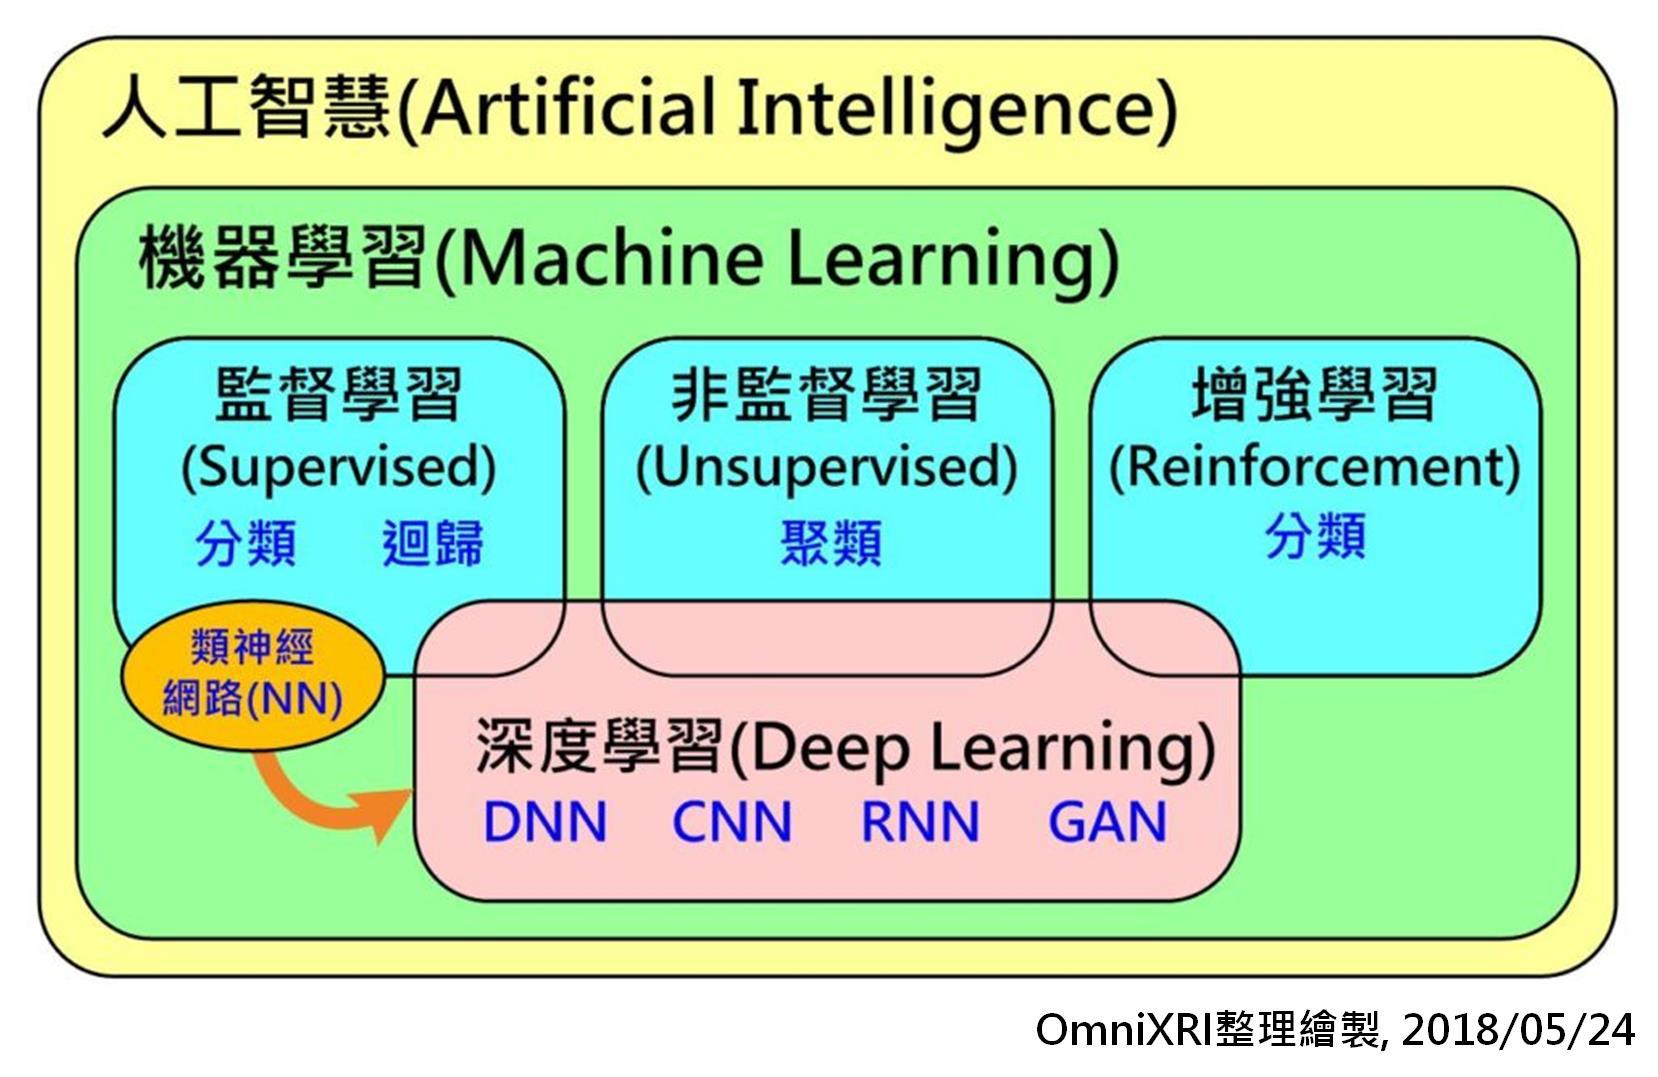 人工智慧、機器學習、深度學習